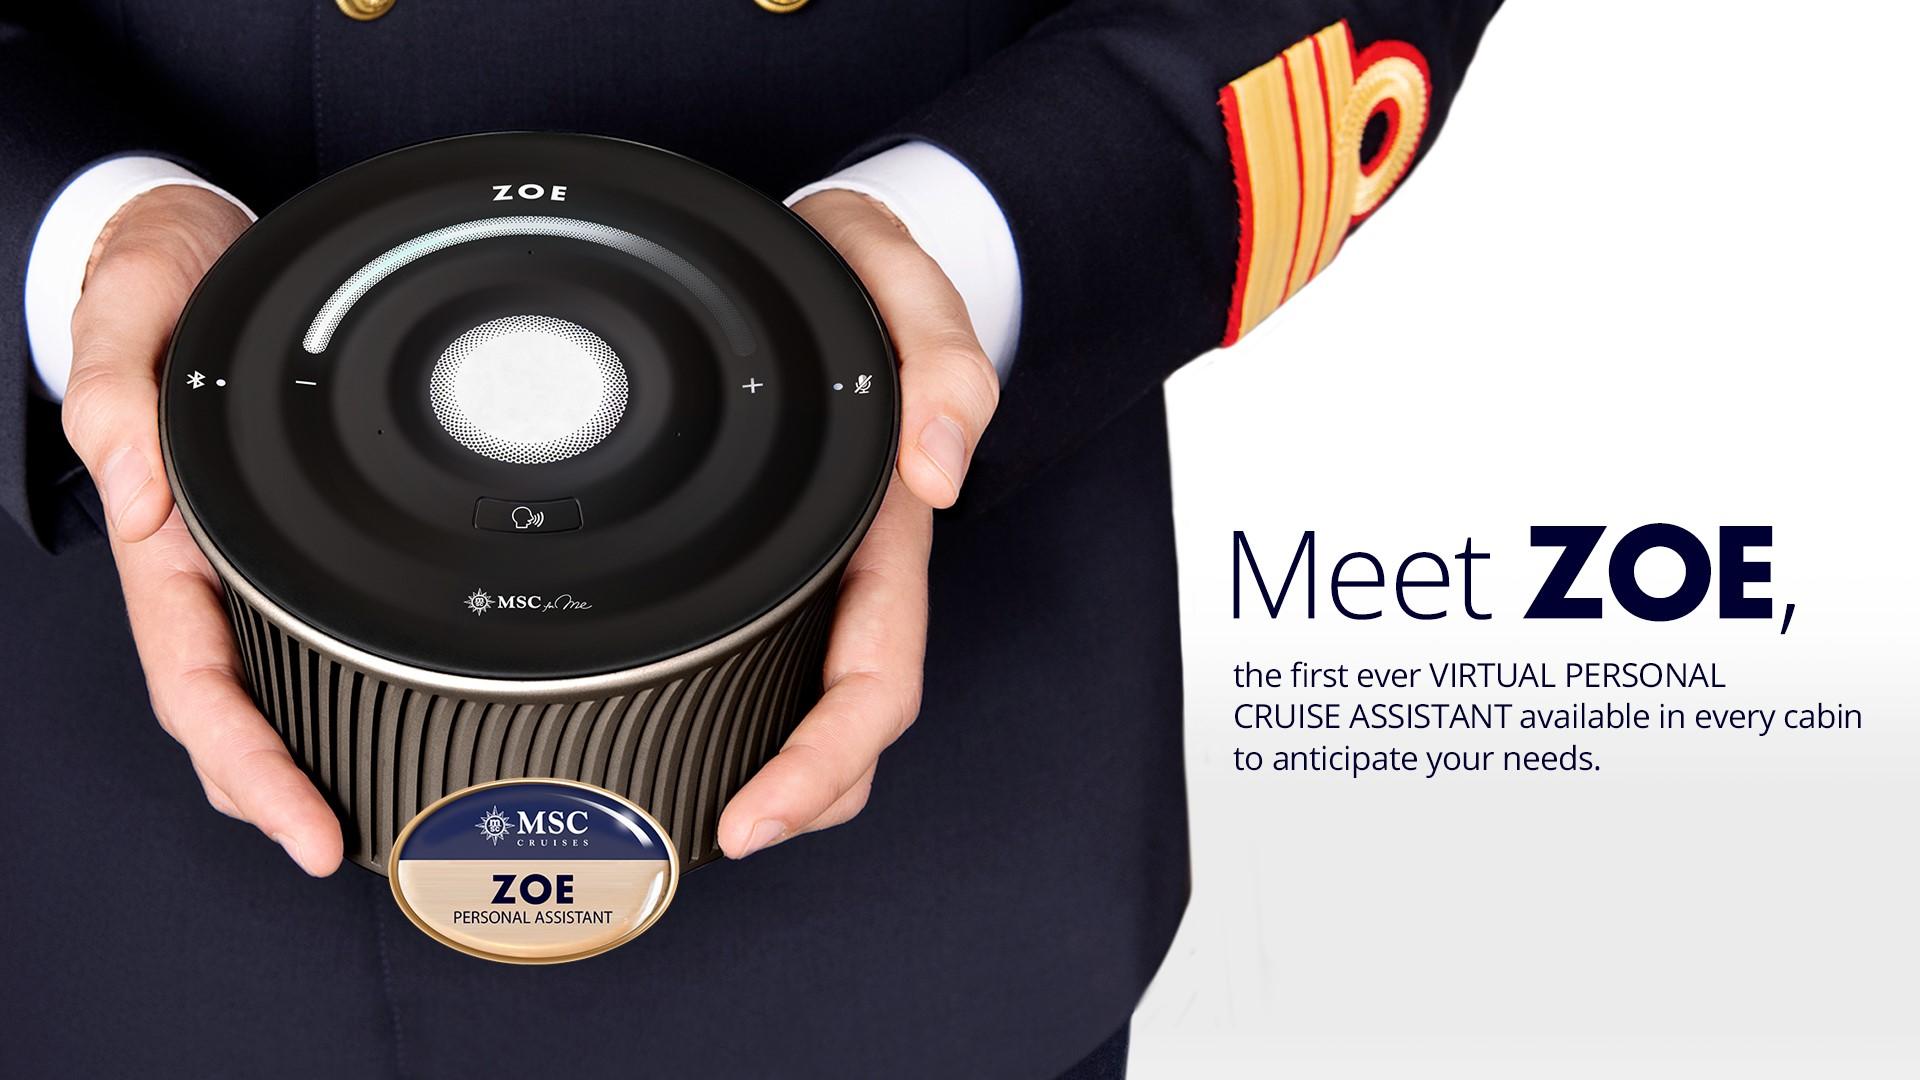 MSC: a bordo arriva ZOE, la prima assistente virtuale per crociere thumbnail